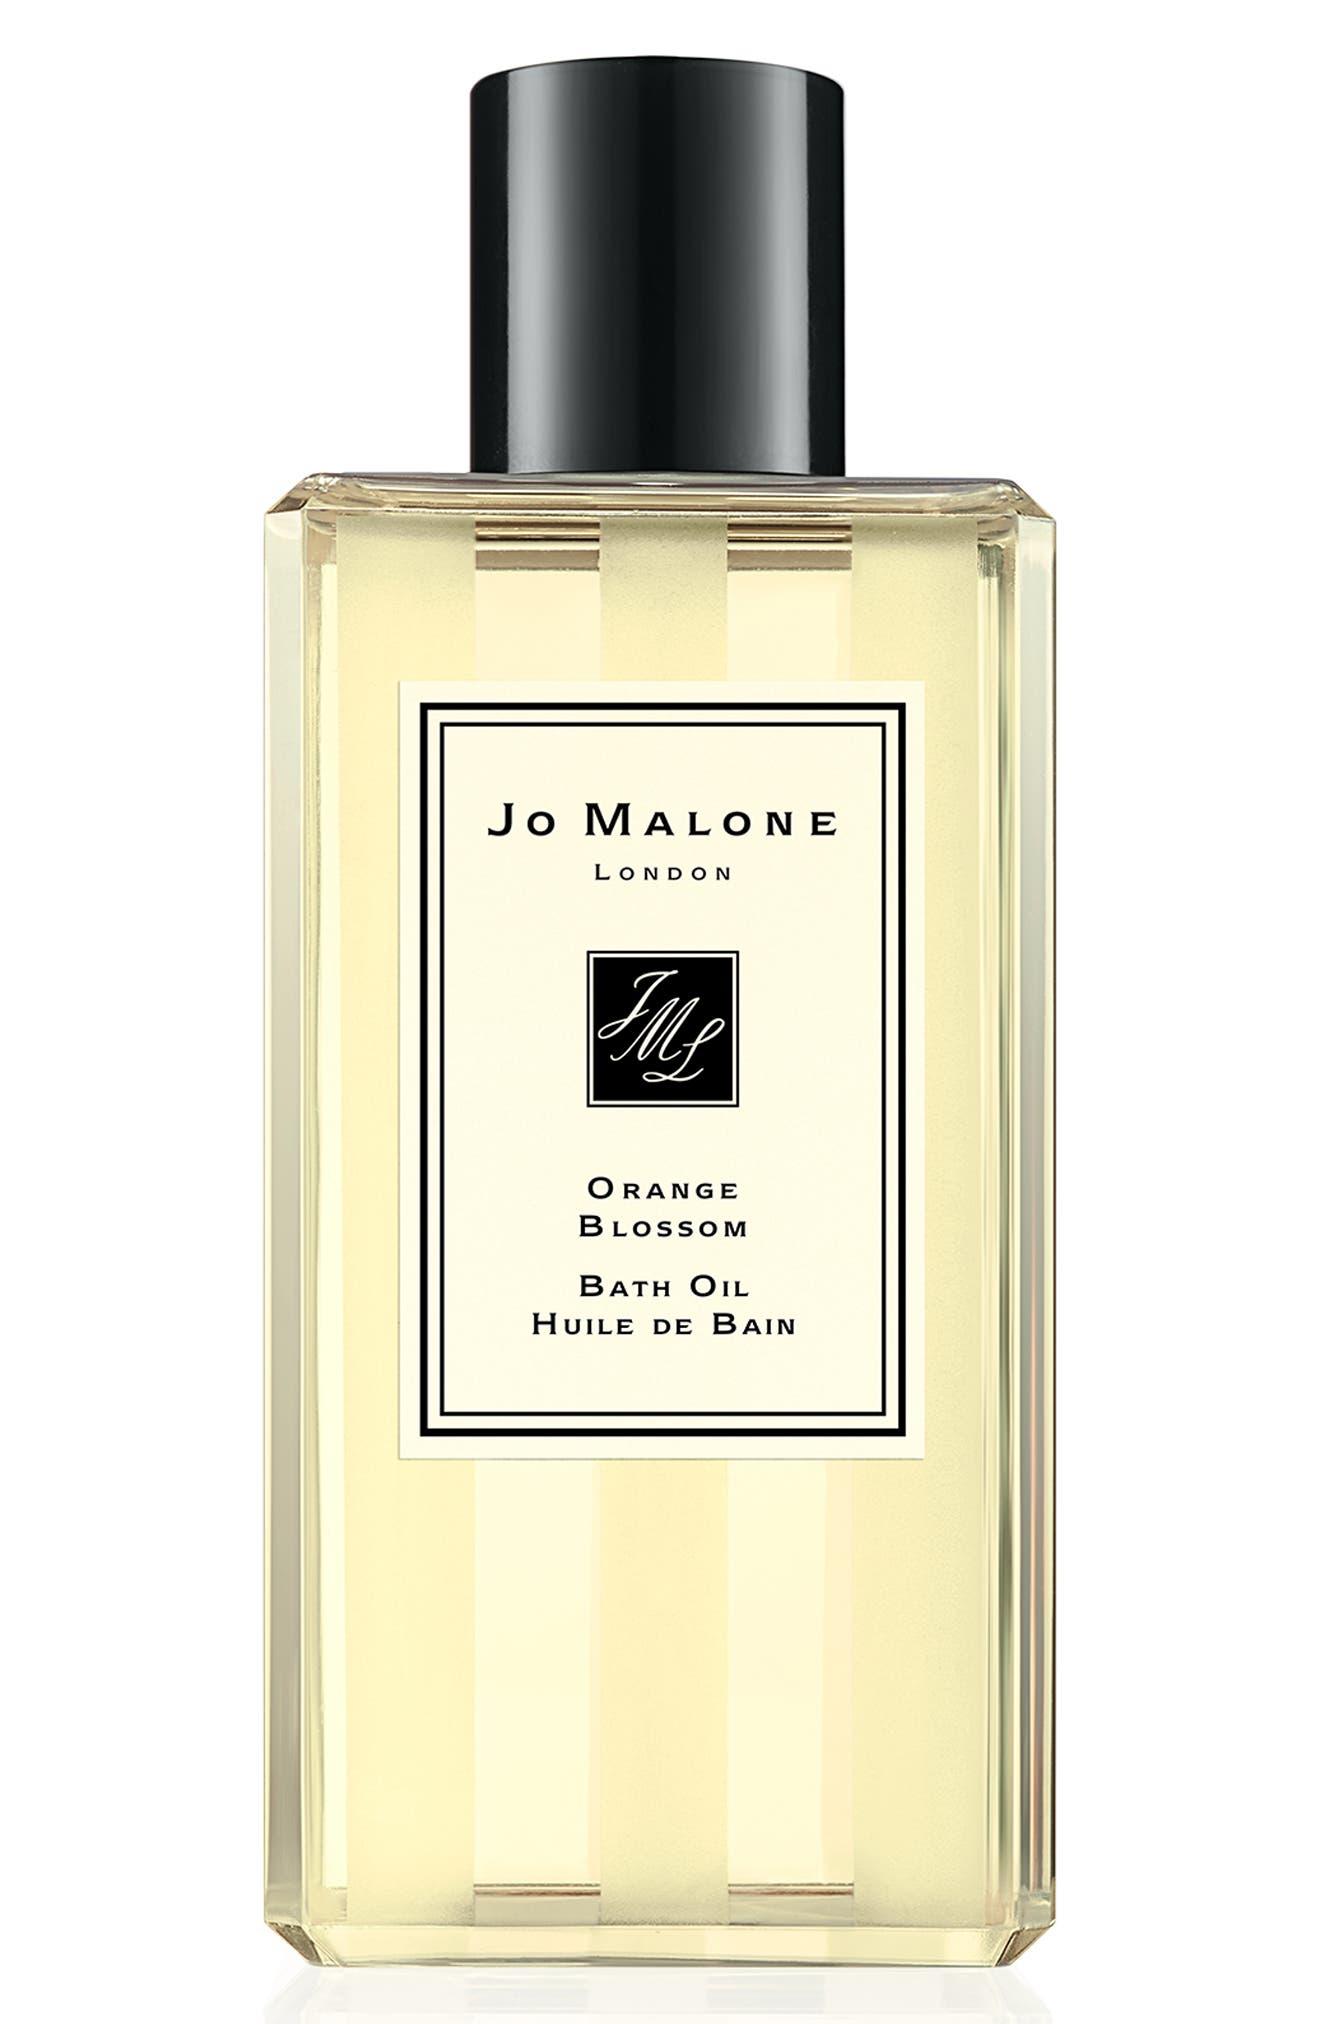 Jo Malone London™ 'Orange Blossom' Bath Oil